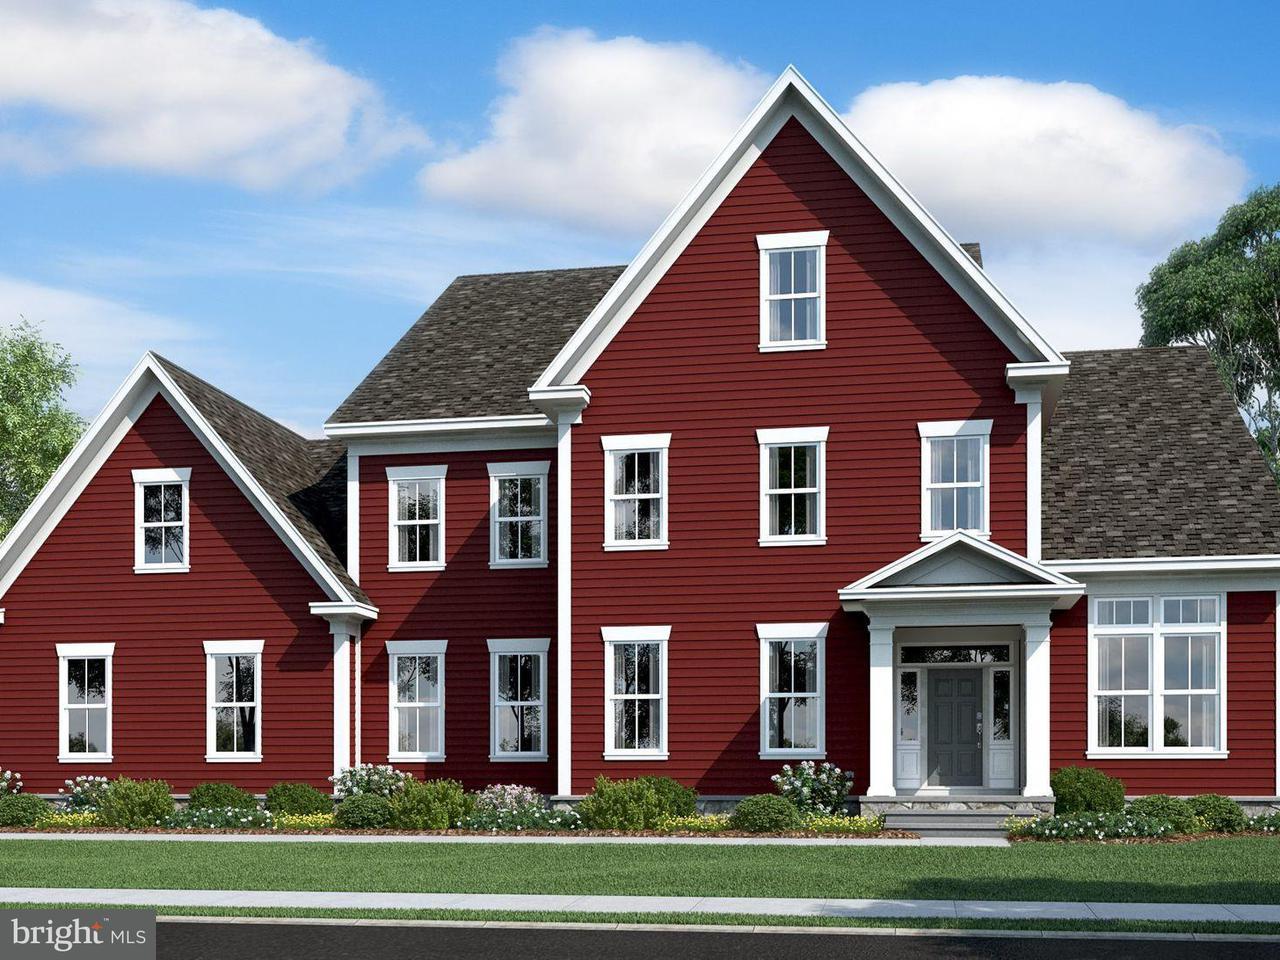 Μονοκατοικία για την Πώληση στο 6513 Sand Trap Drive 6513 Sand Trap Drive Laytonsville, Μεριλαντ 20882 Ηνωμενεσ Πολιτειεσ